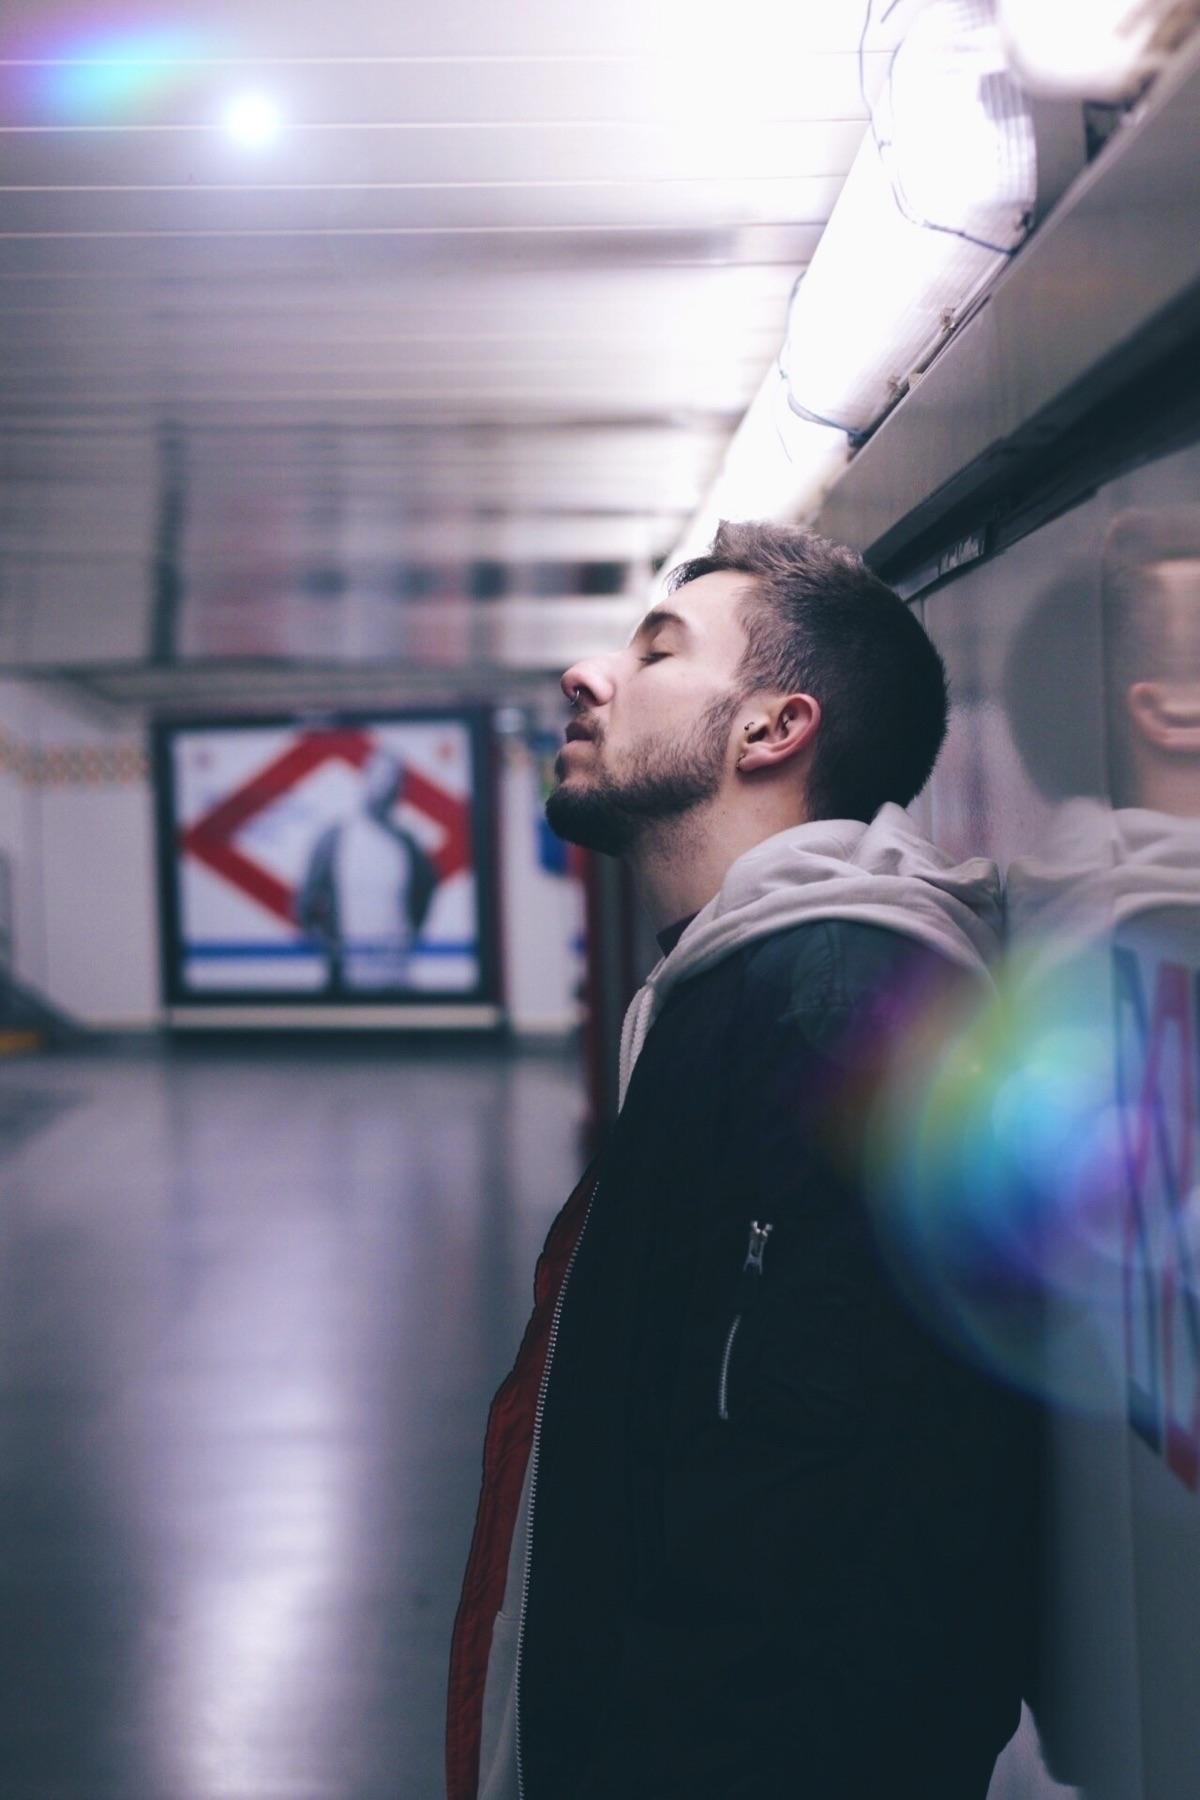 metro, amigo, Borja, love, sentir - troxsa | ello